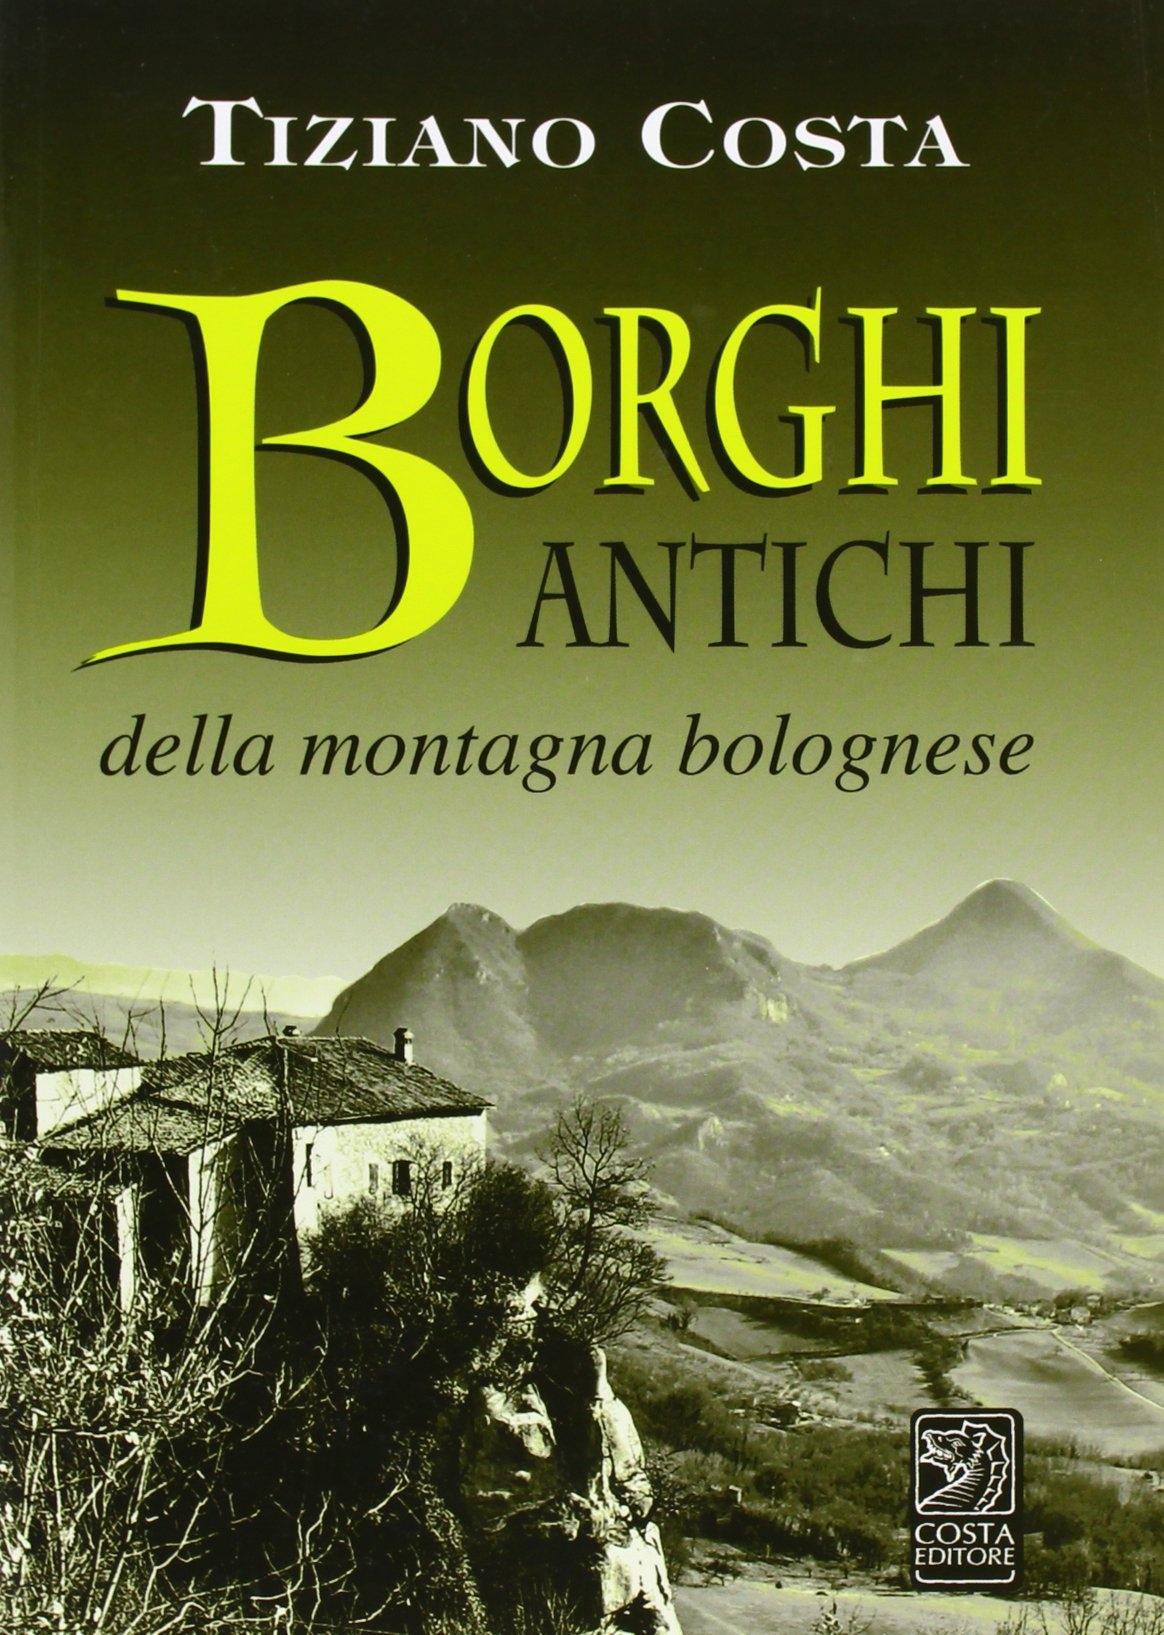 Borghi Antichi della Montagna Bolognese.